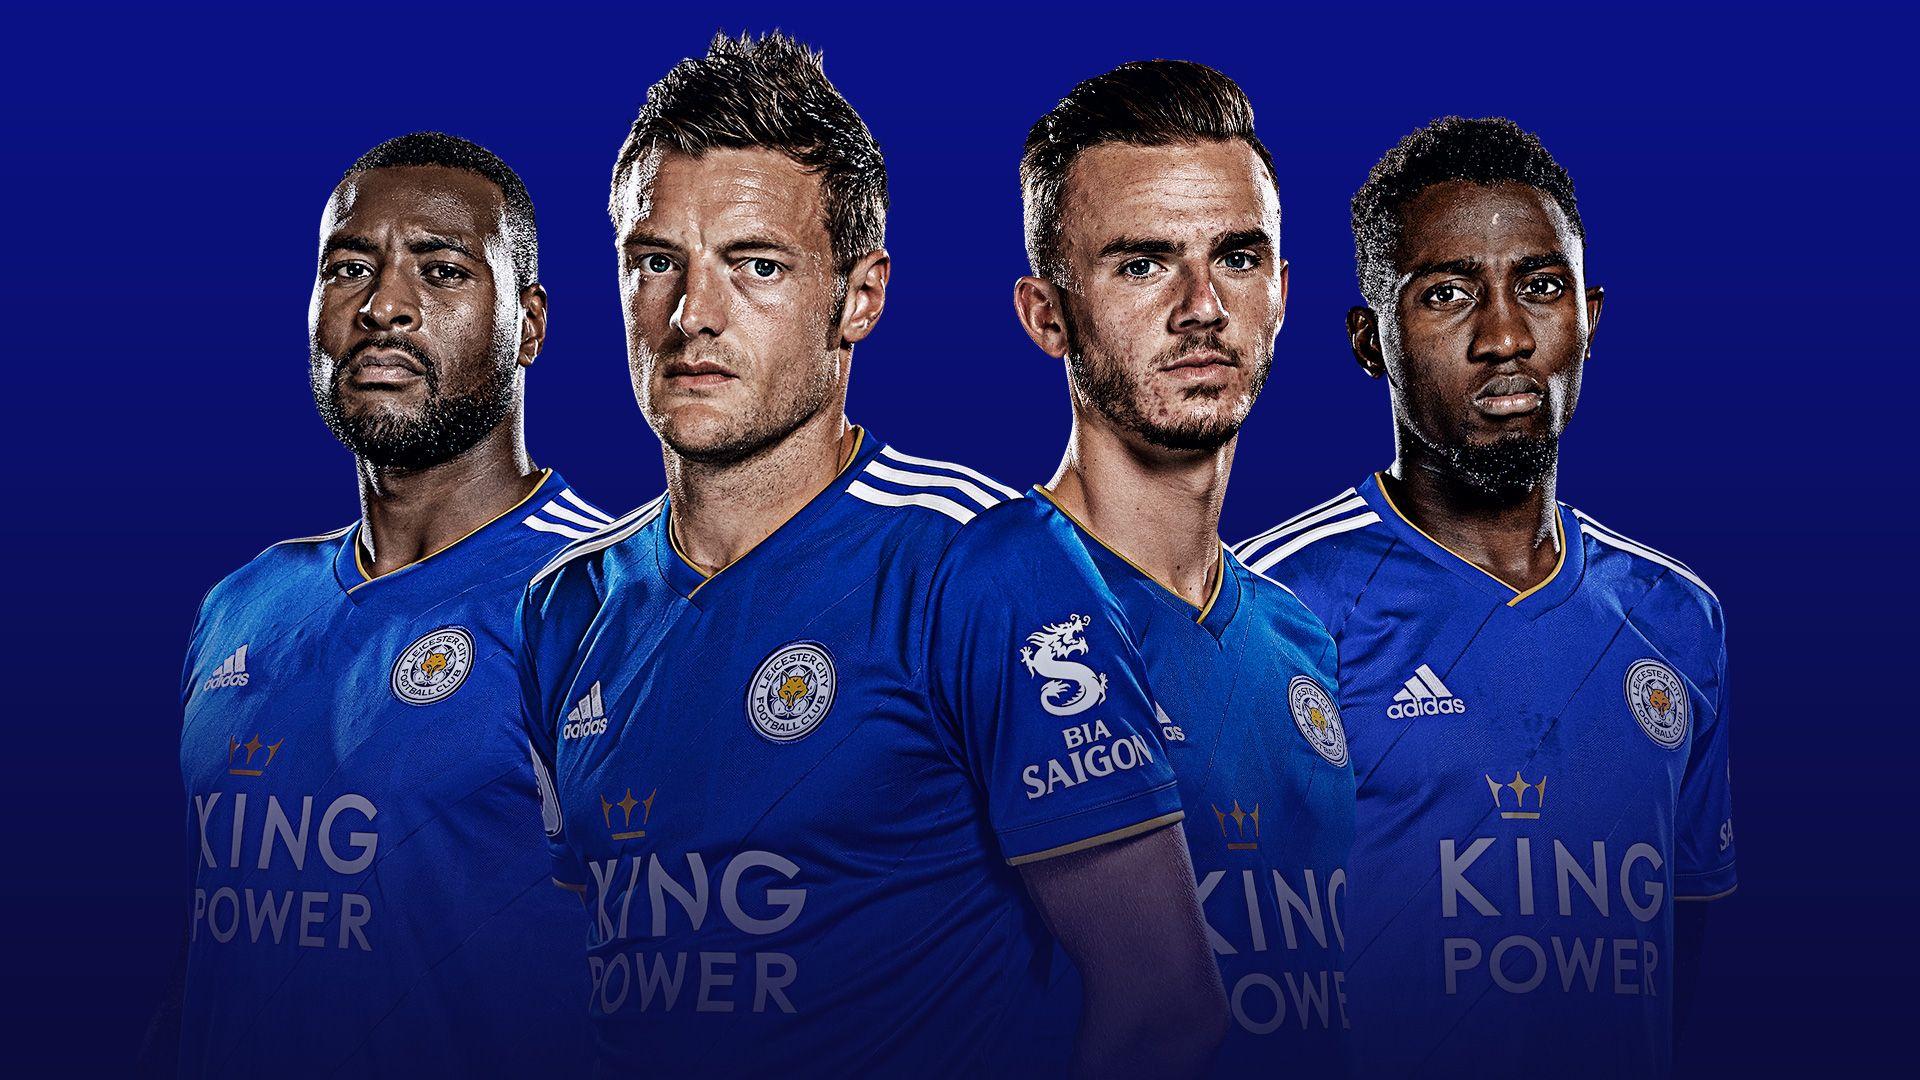 Kết quả hình ảnh cho Leicester City top Power Rankings